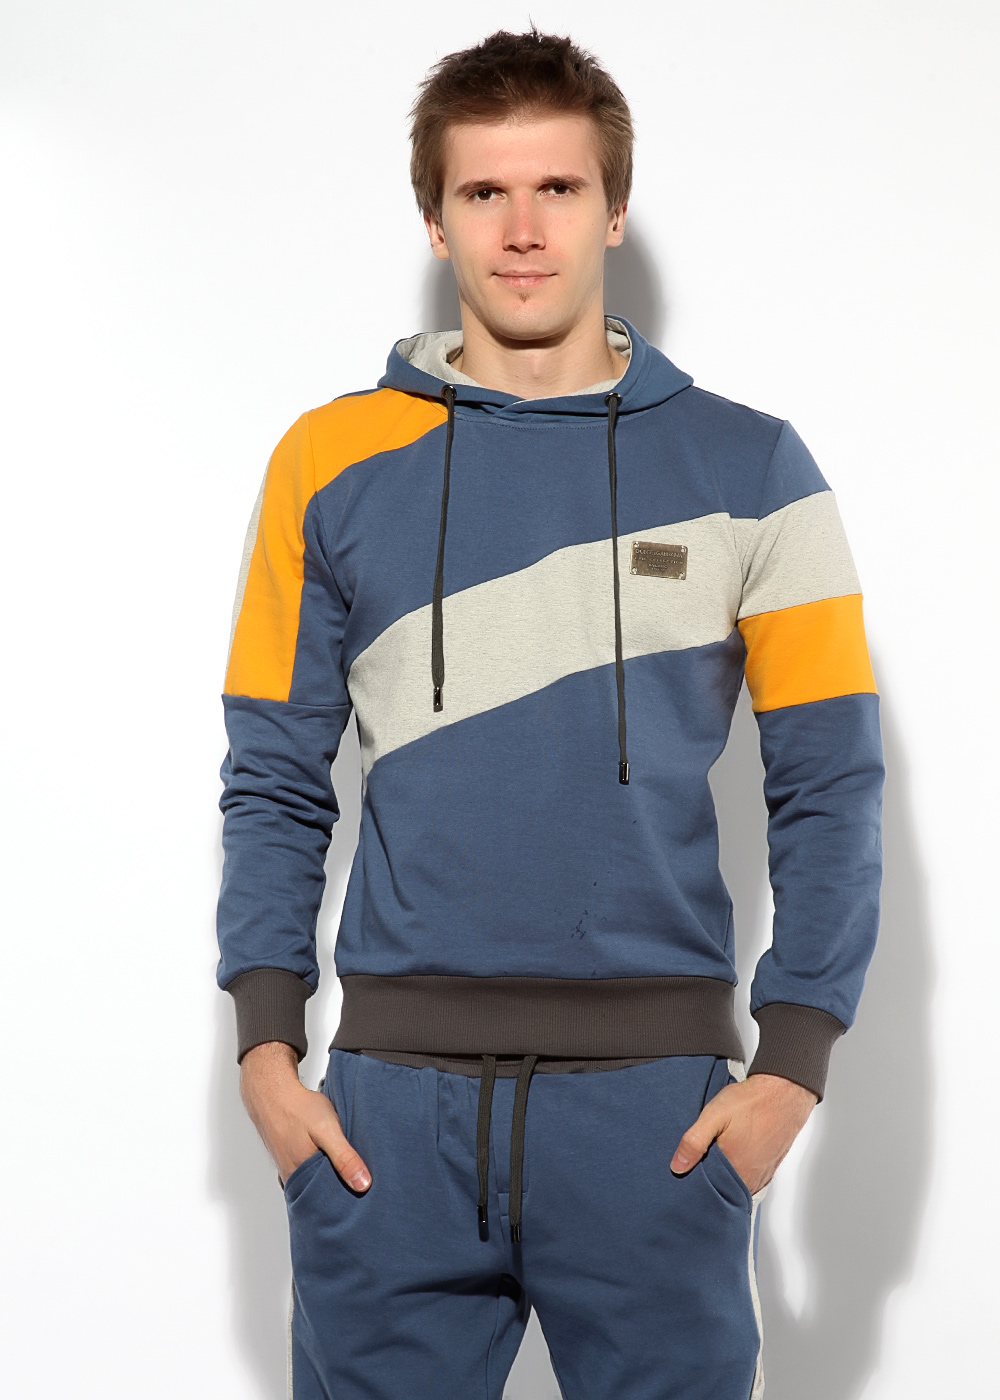 Спортивная Одежда Брендовая С Доставкой